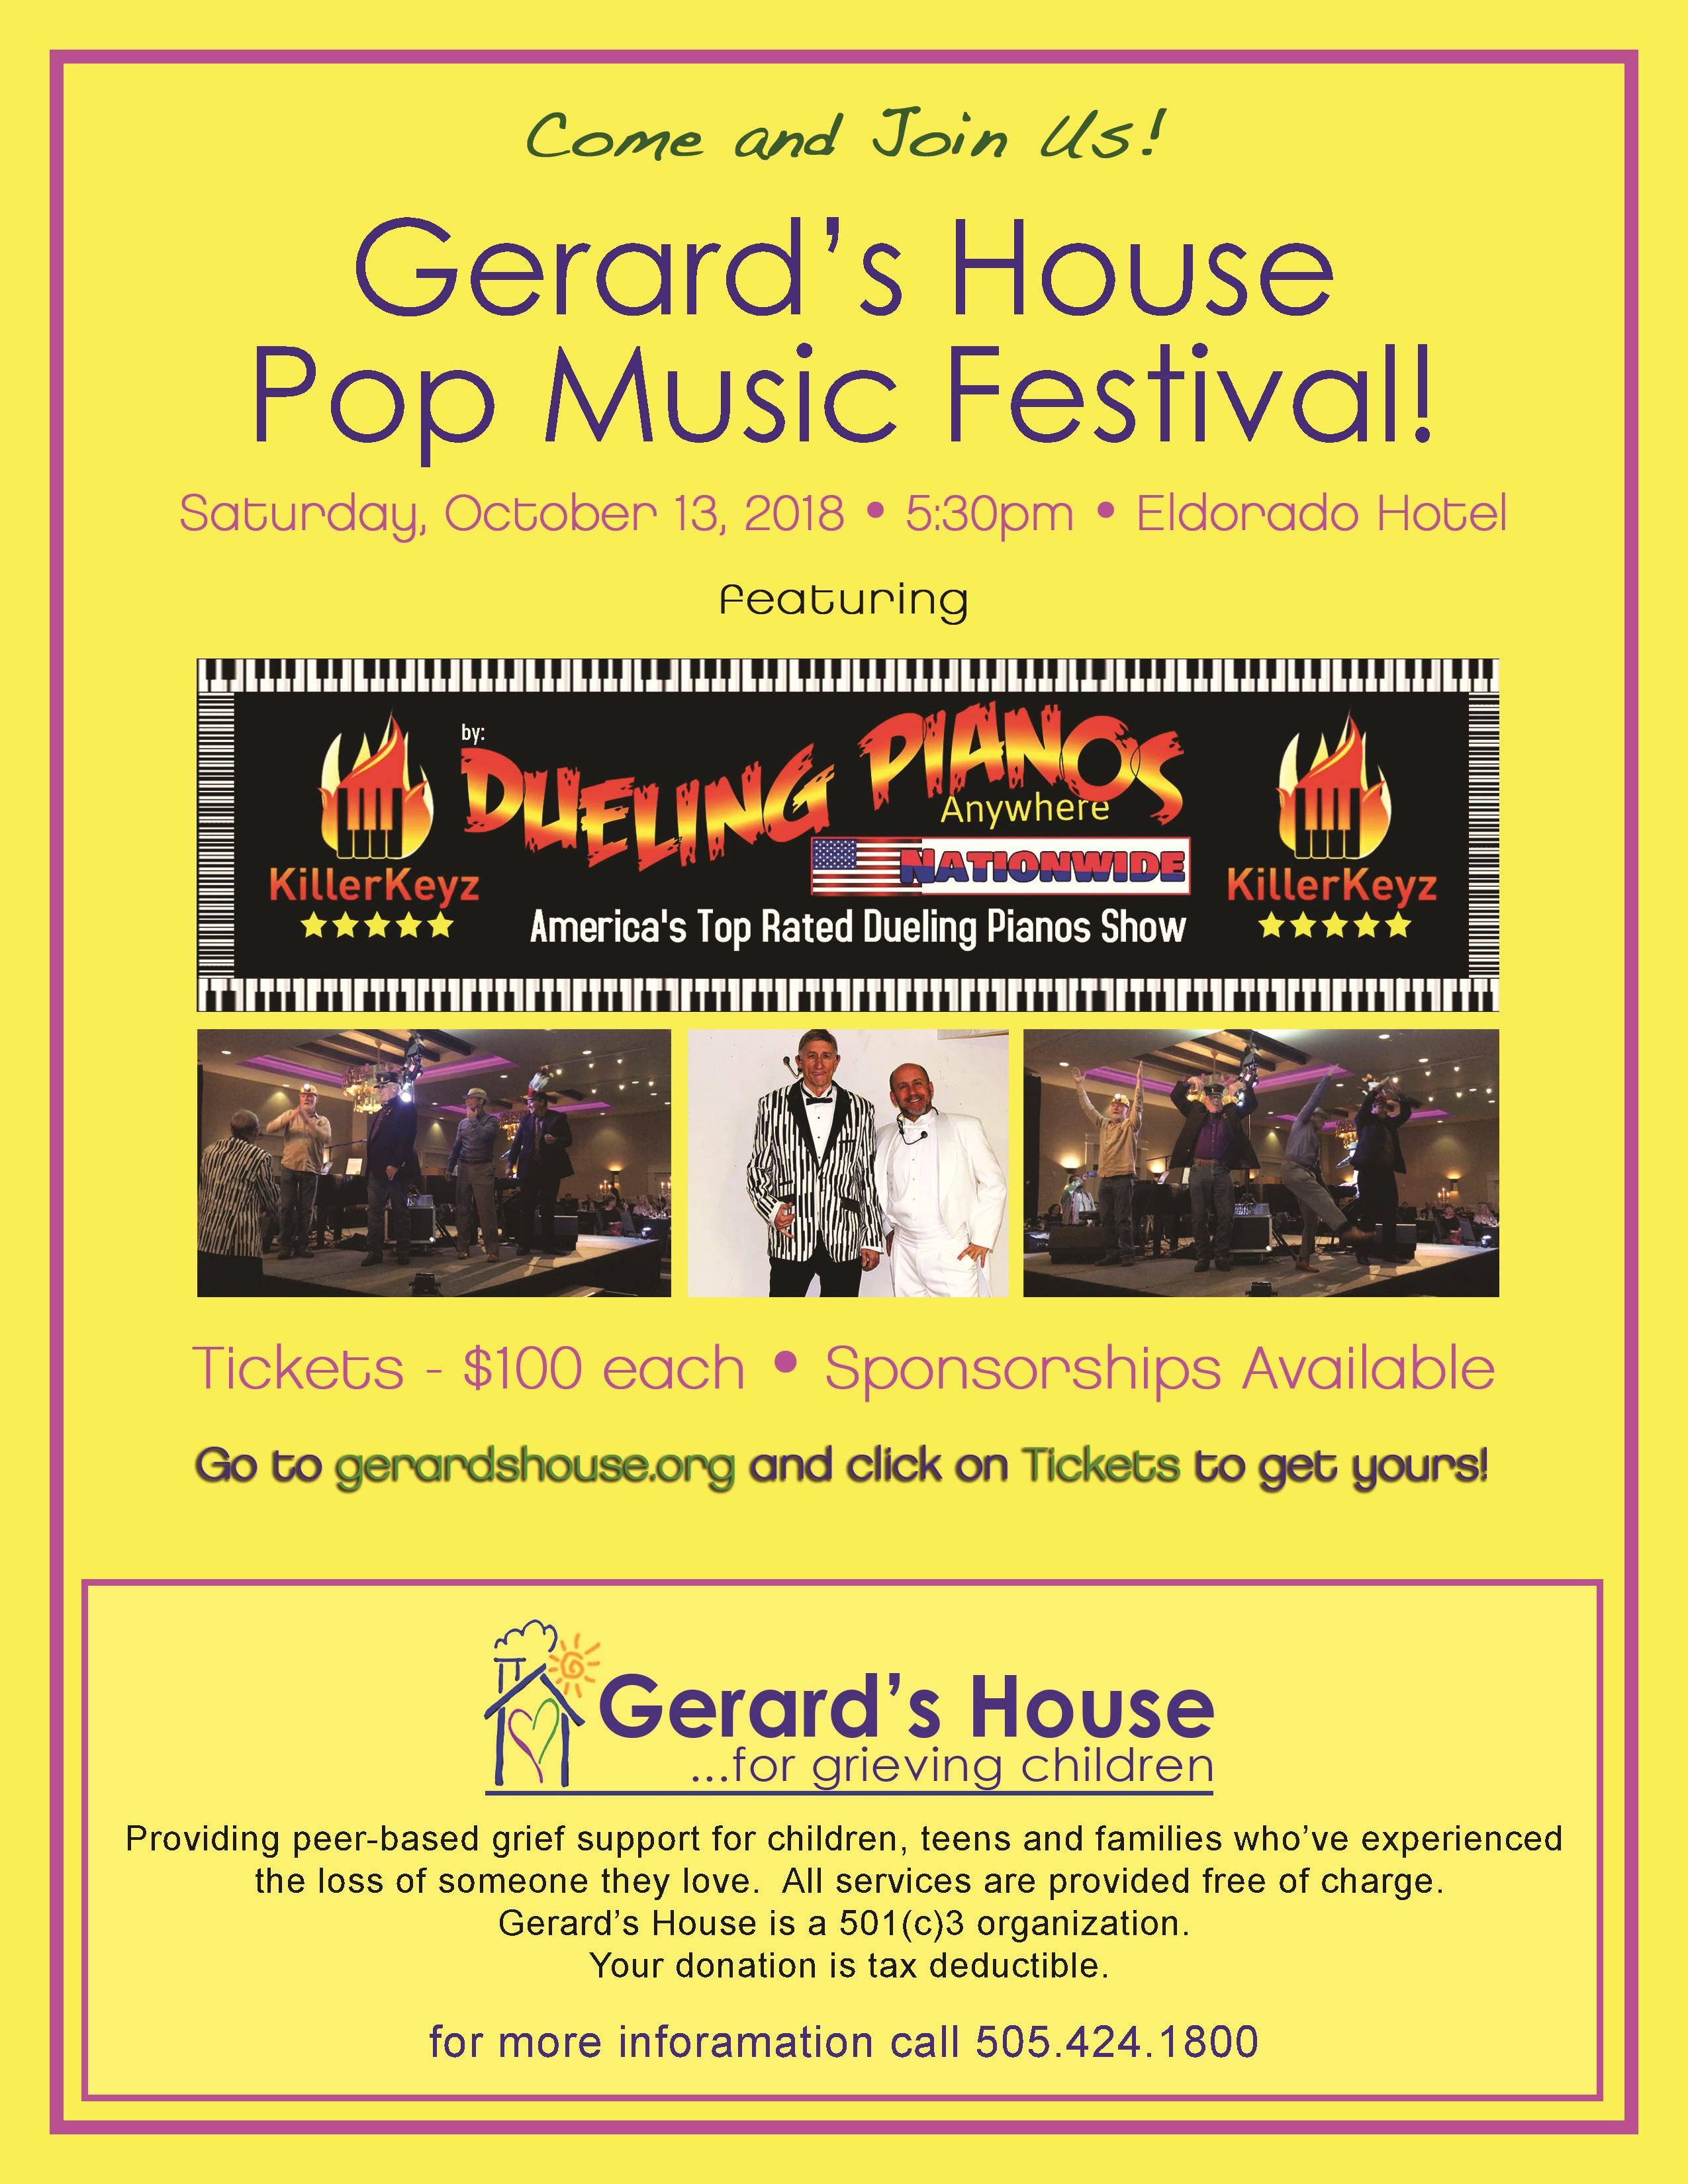 Pop Music Festival @ Eldorado Hotel & Spa